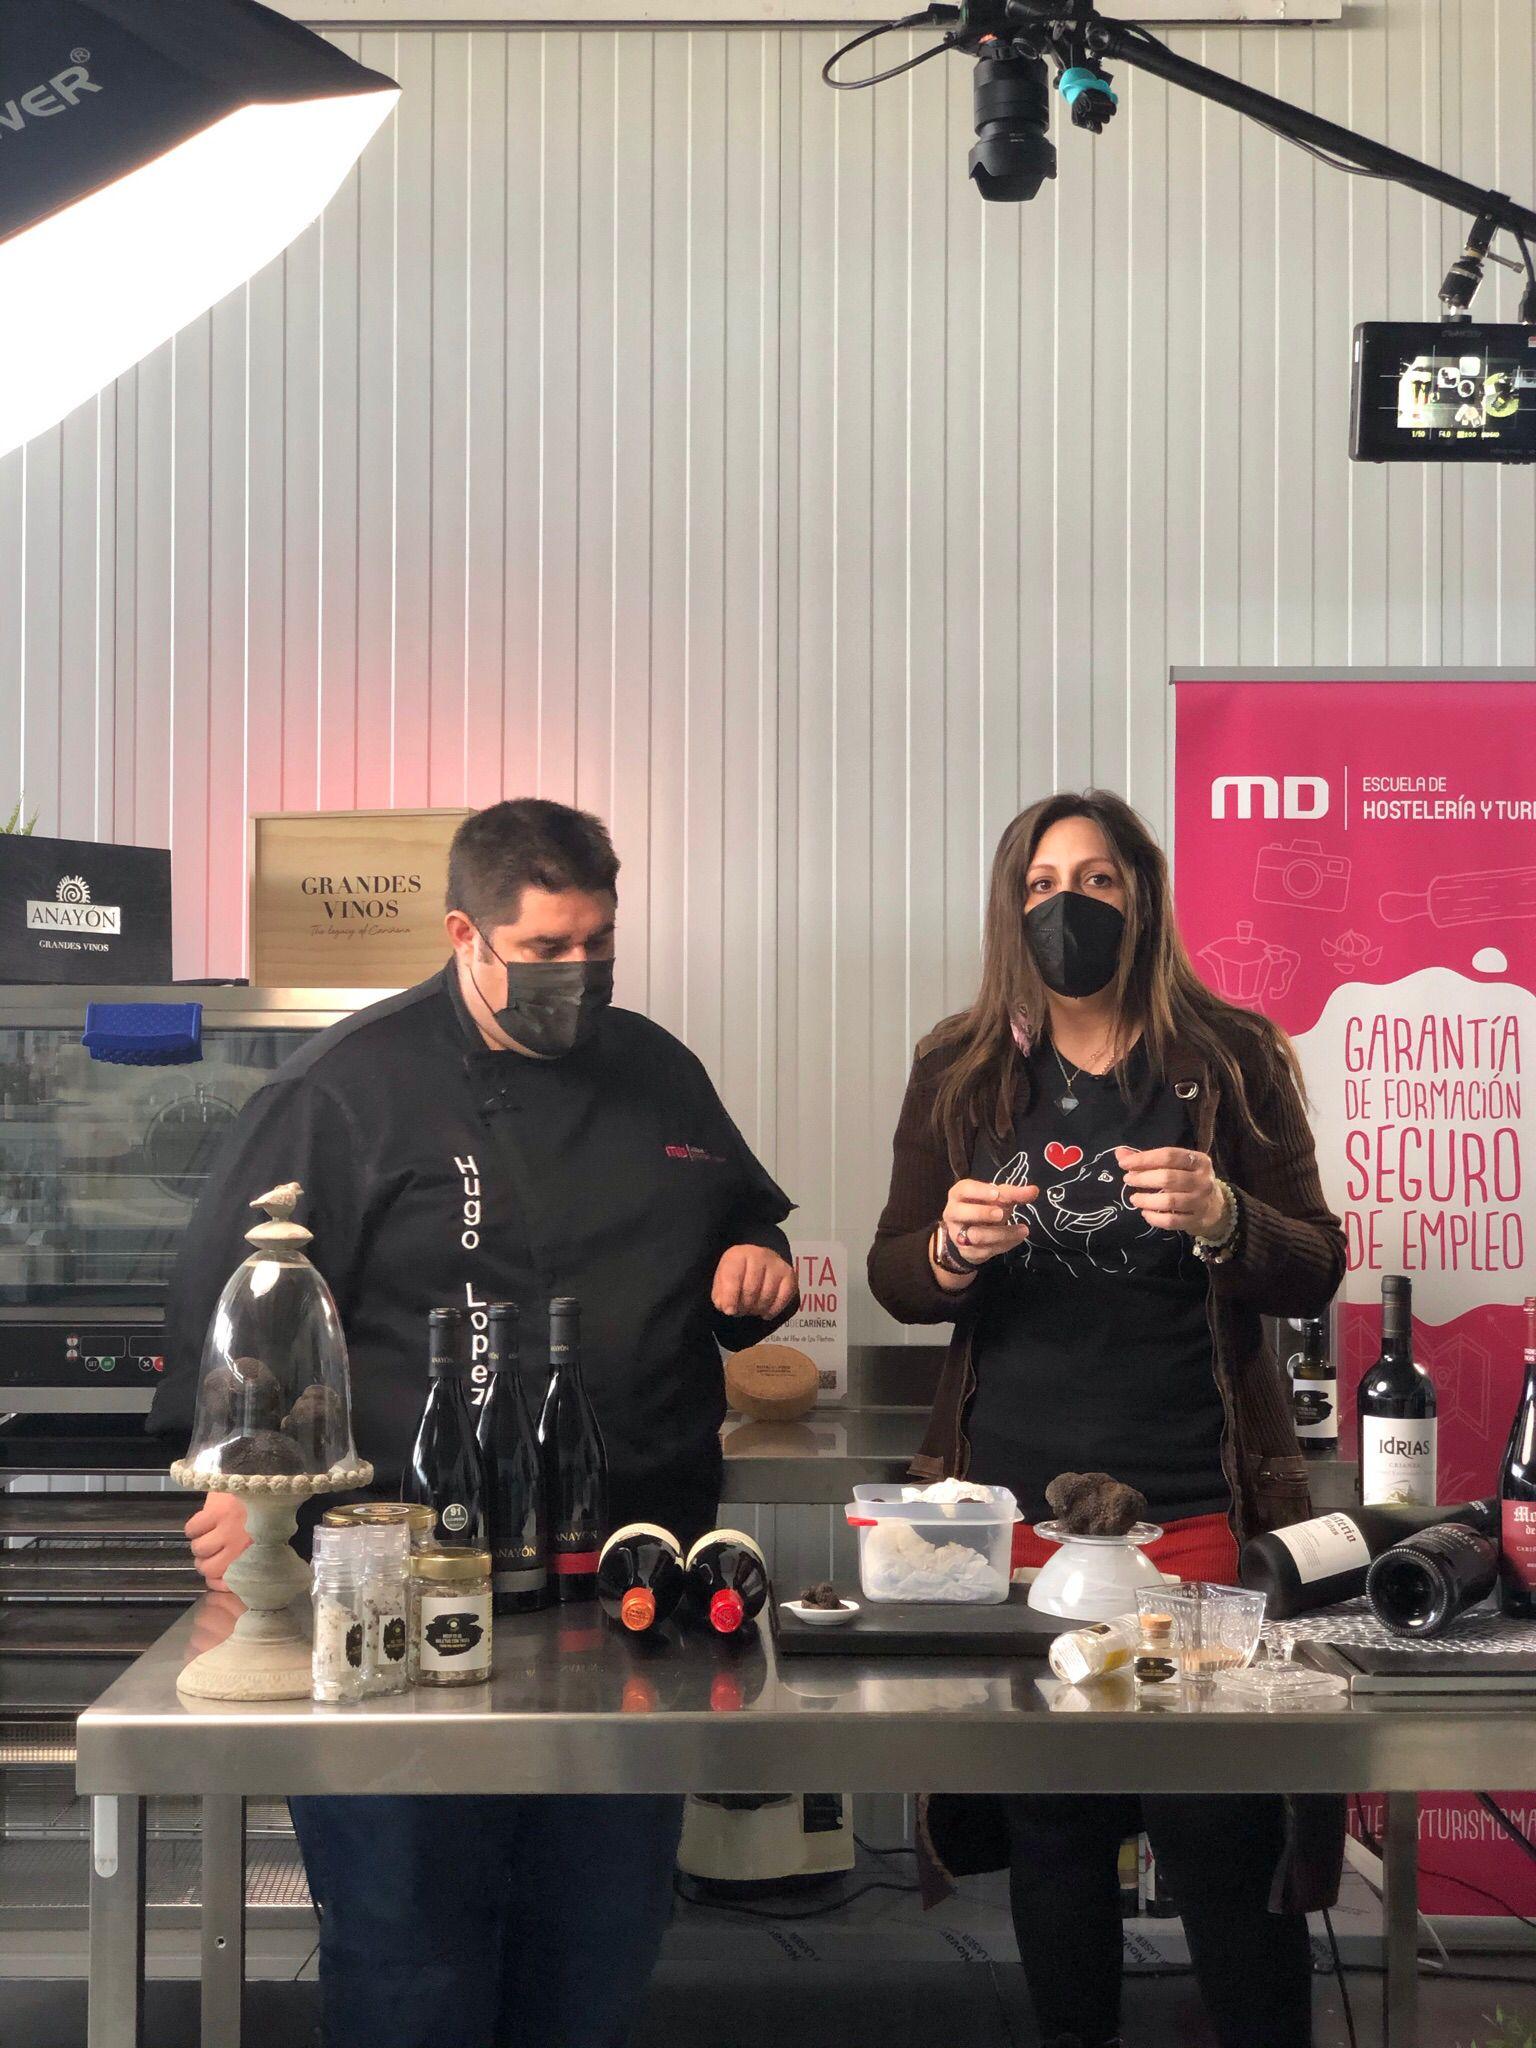 """El proyecto """"Cocinando con trufa en Aragón"""" busca fomentar y popularizar el uso de la tuber melanosporum entre los aragoneses"""